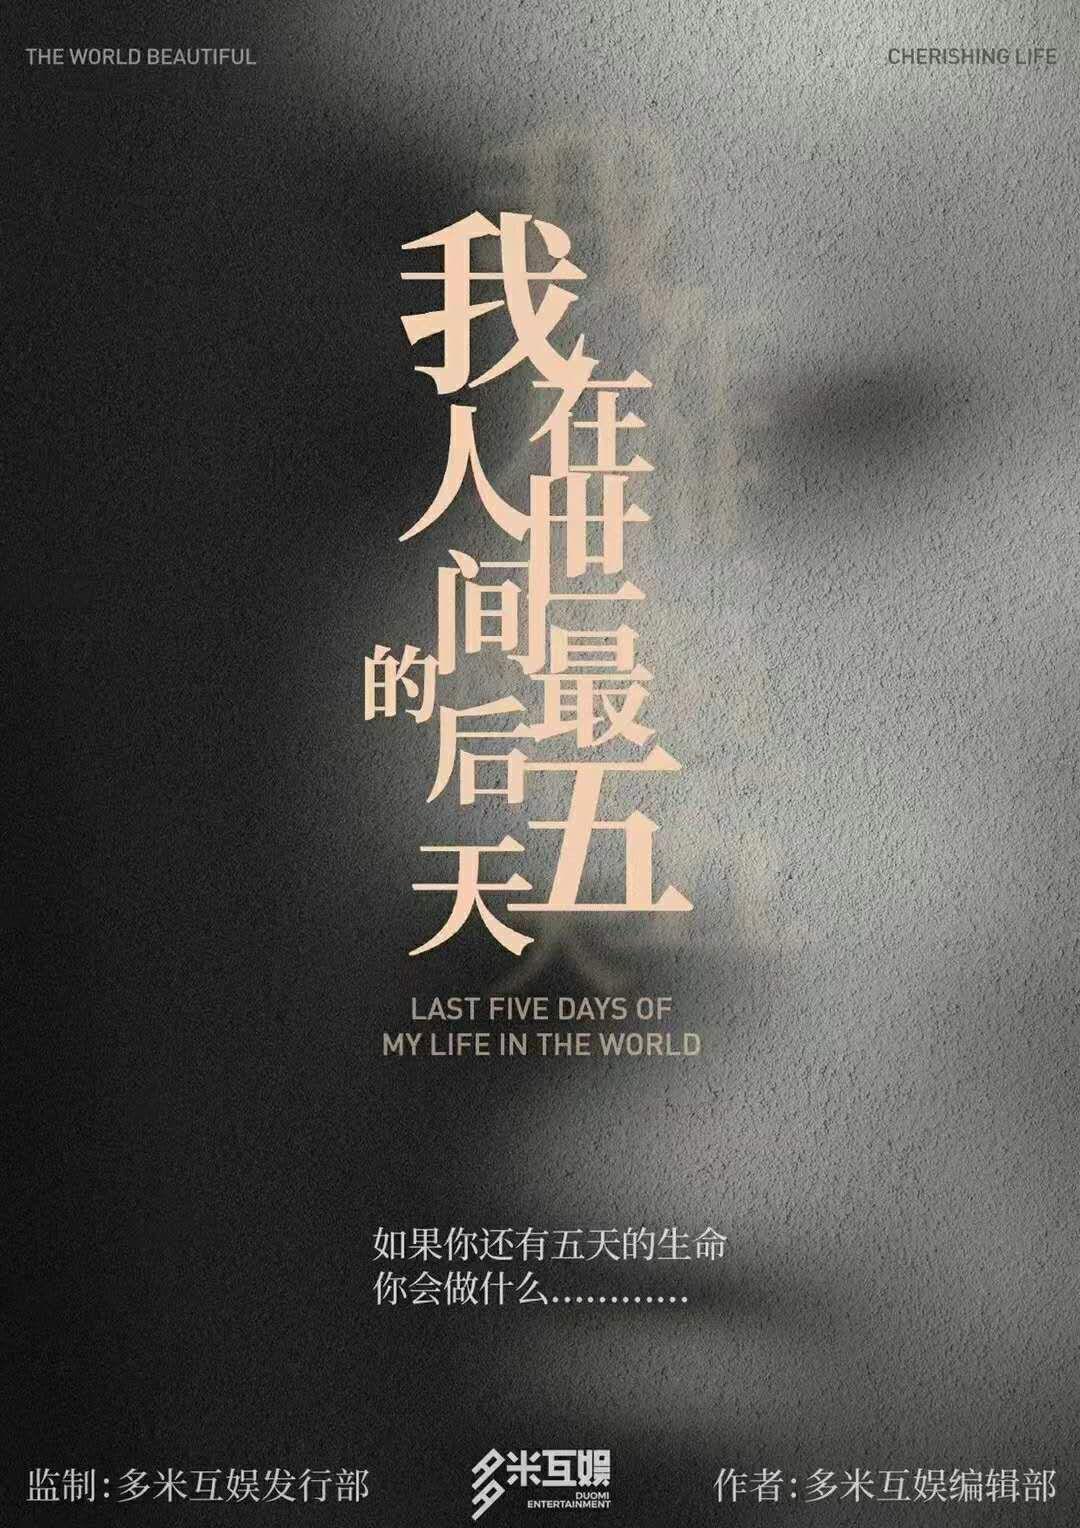 『我在人世间的最后五天』剧本杀凶手是谁复盘解析 测评剧透 结局答案